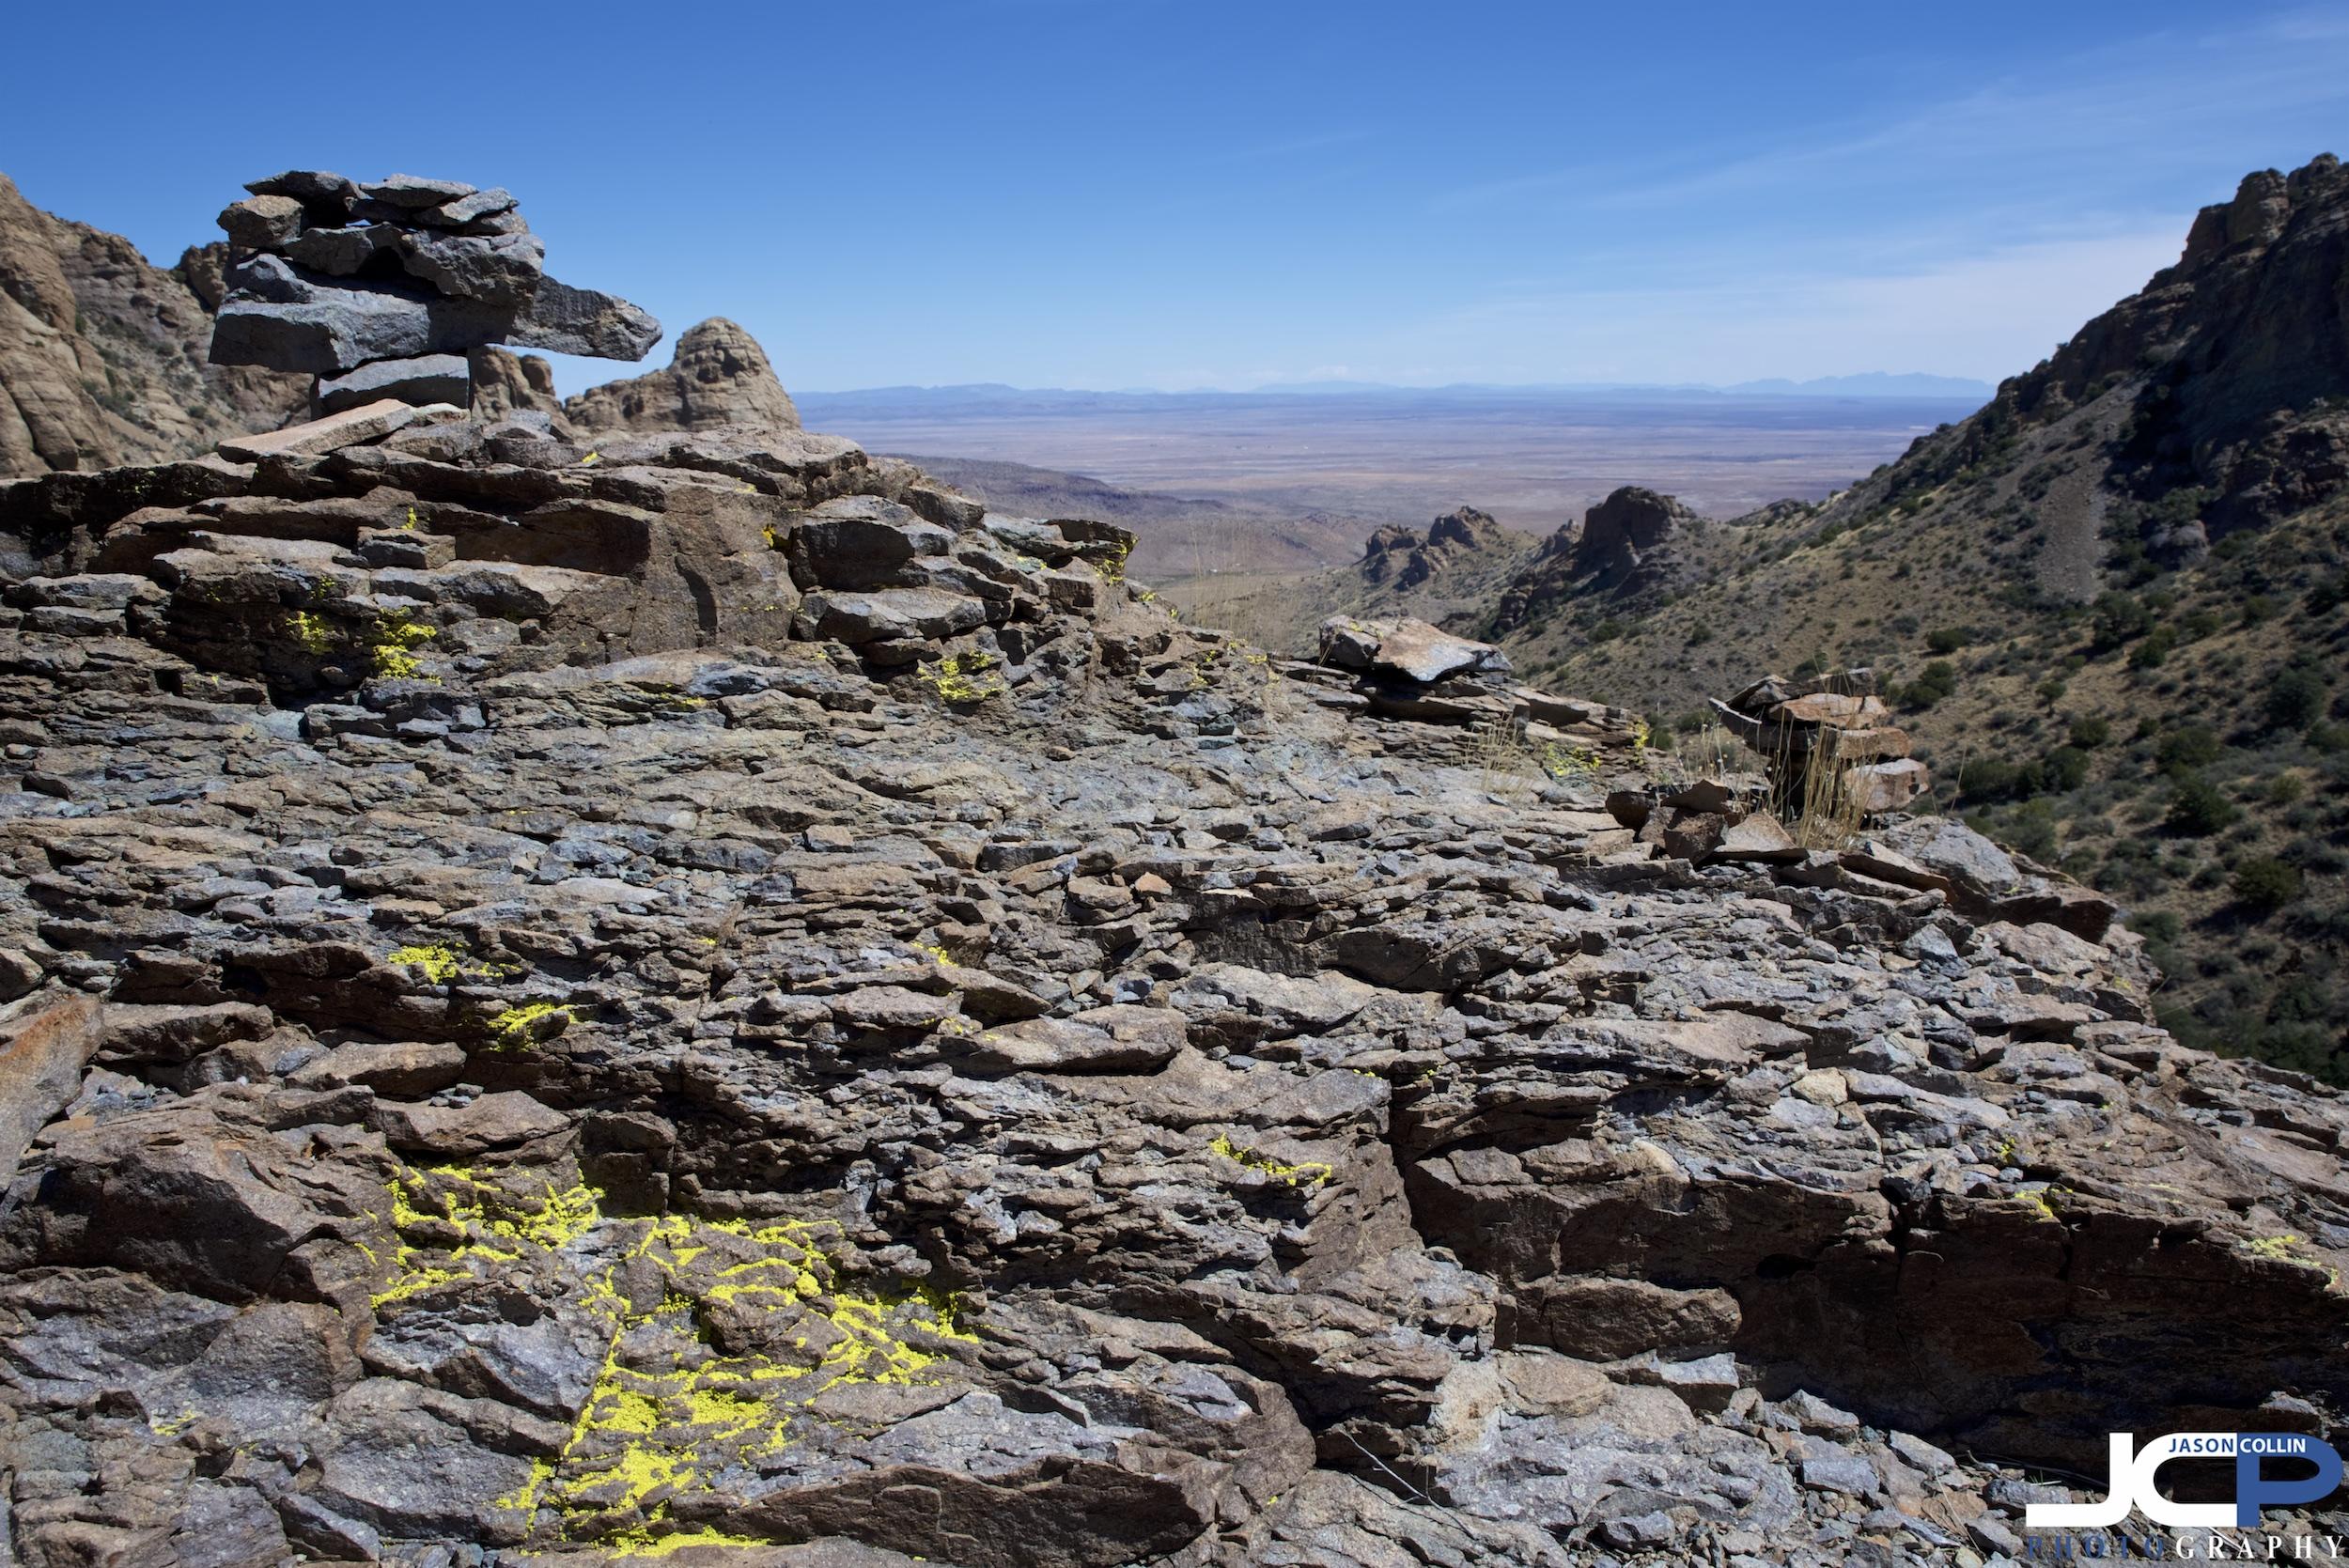 spring-canyon-3-22-2019-nm-123292.jpg